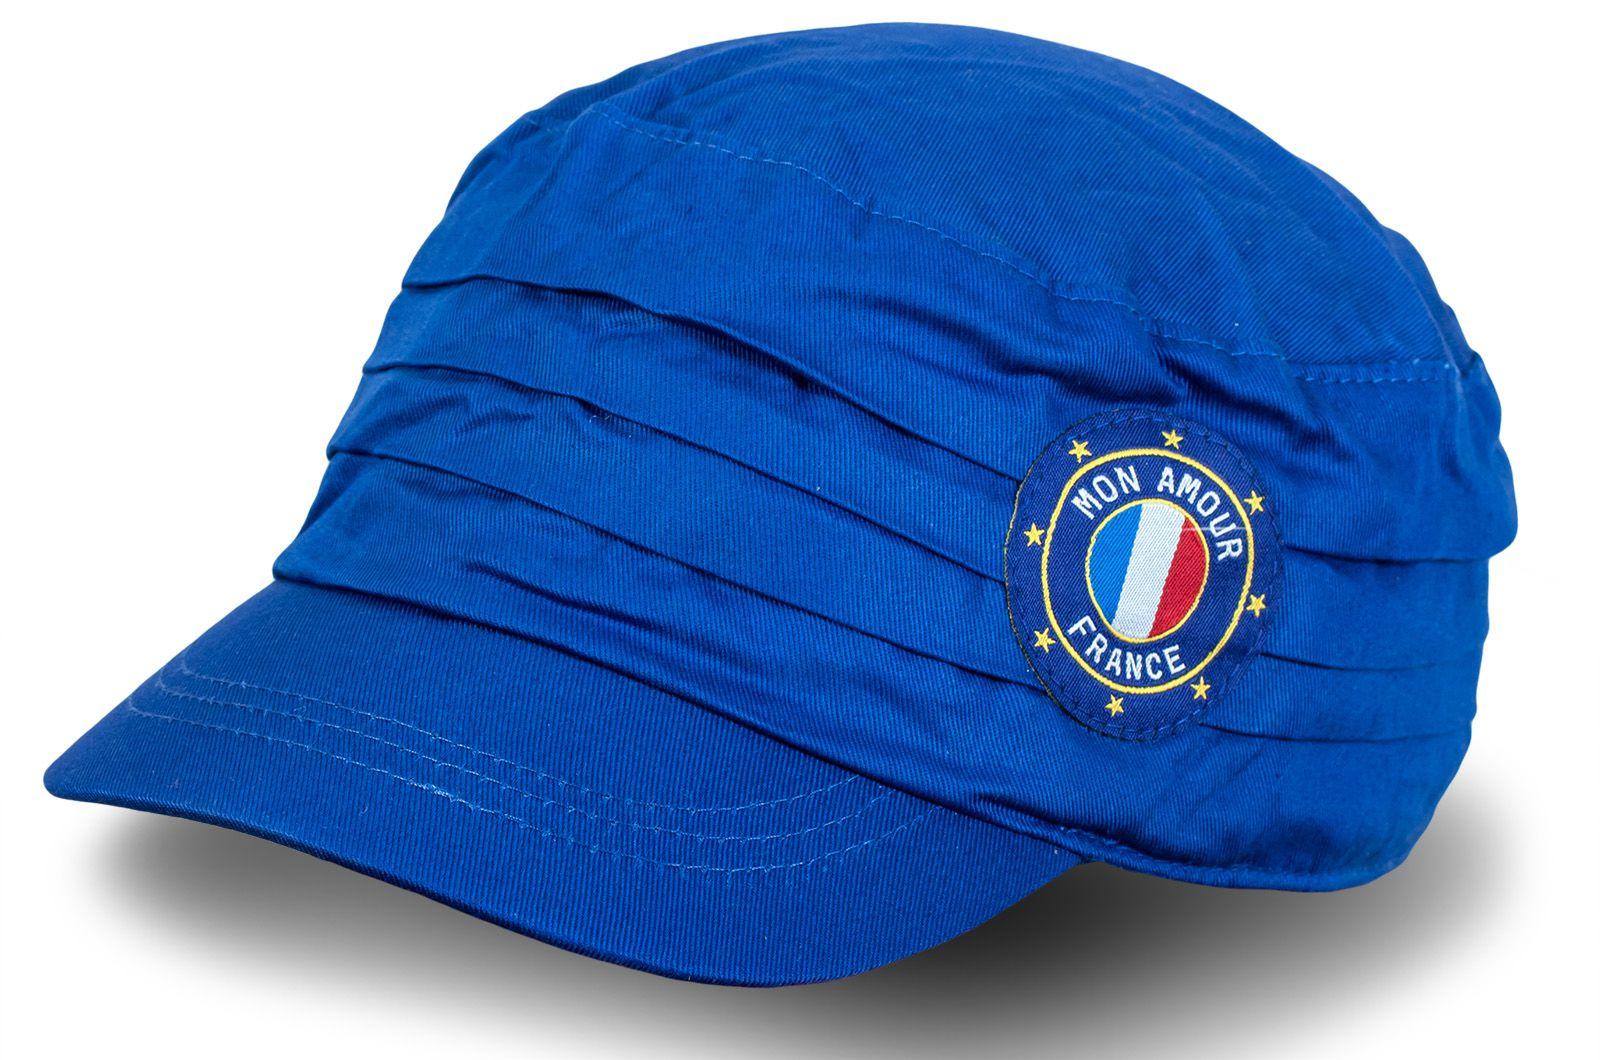 Кепка Франция | Купить кепки-немки с доставкой